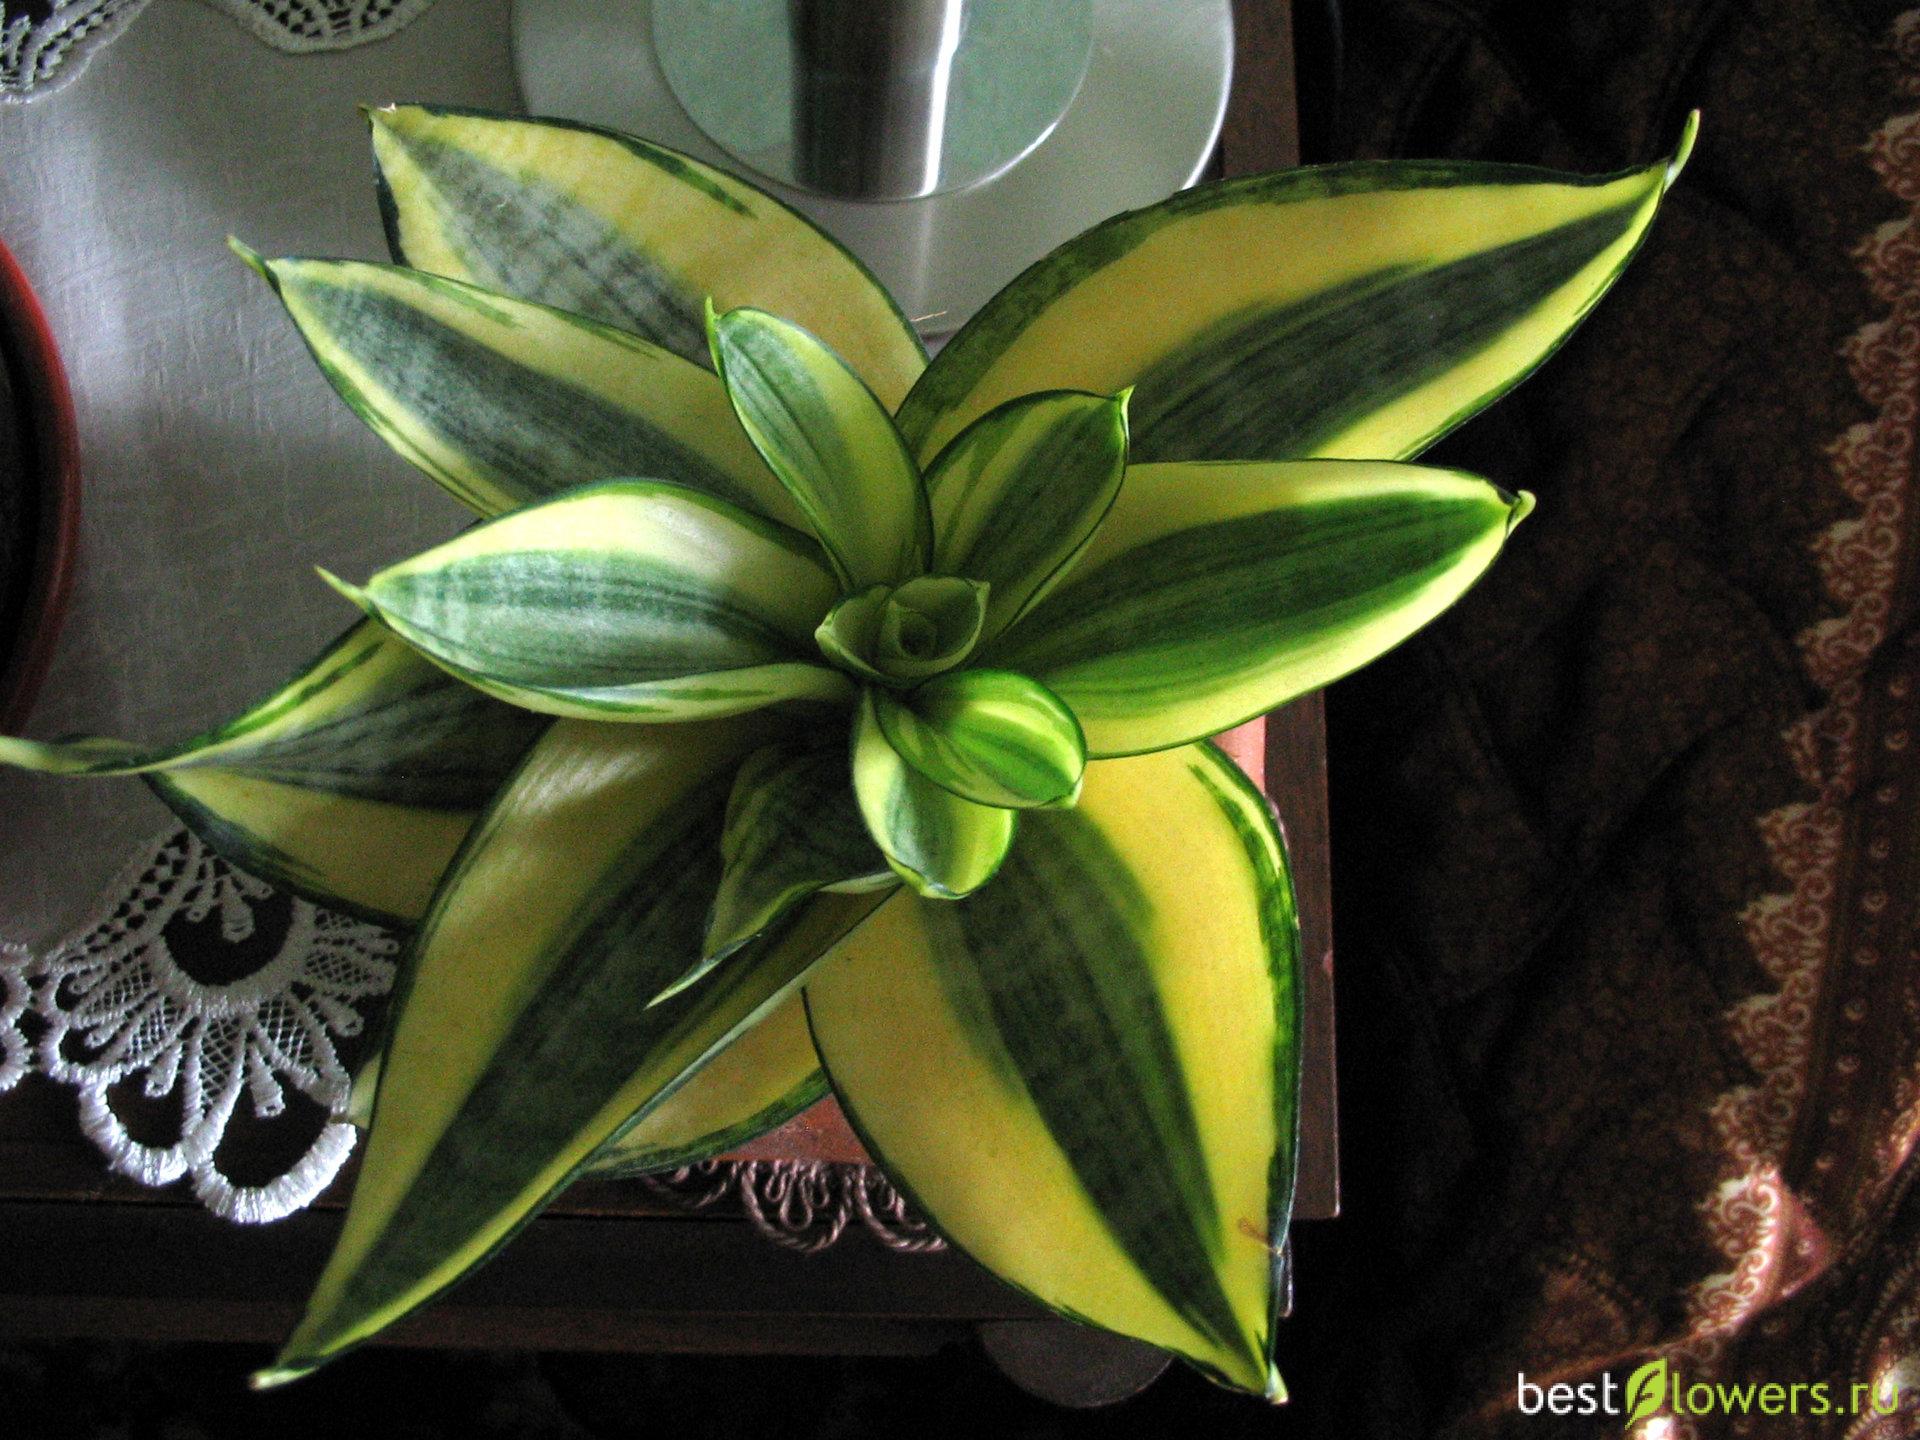 сансевиерия голден ханни фото описание ее цветки ограничительных